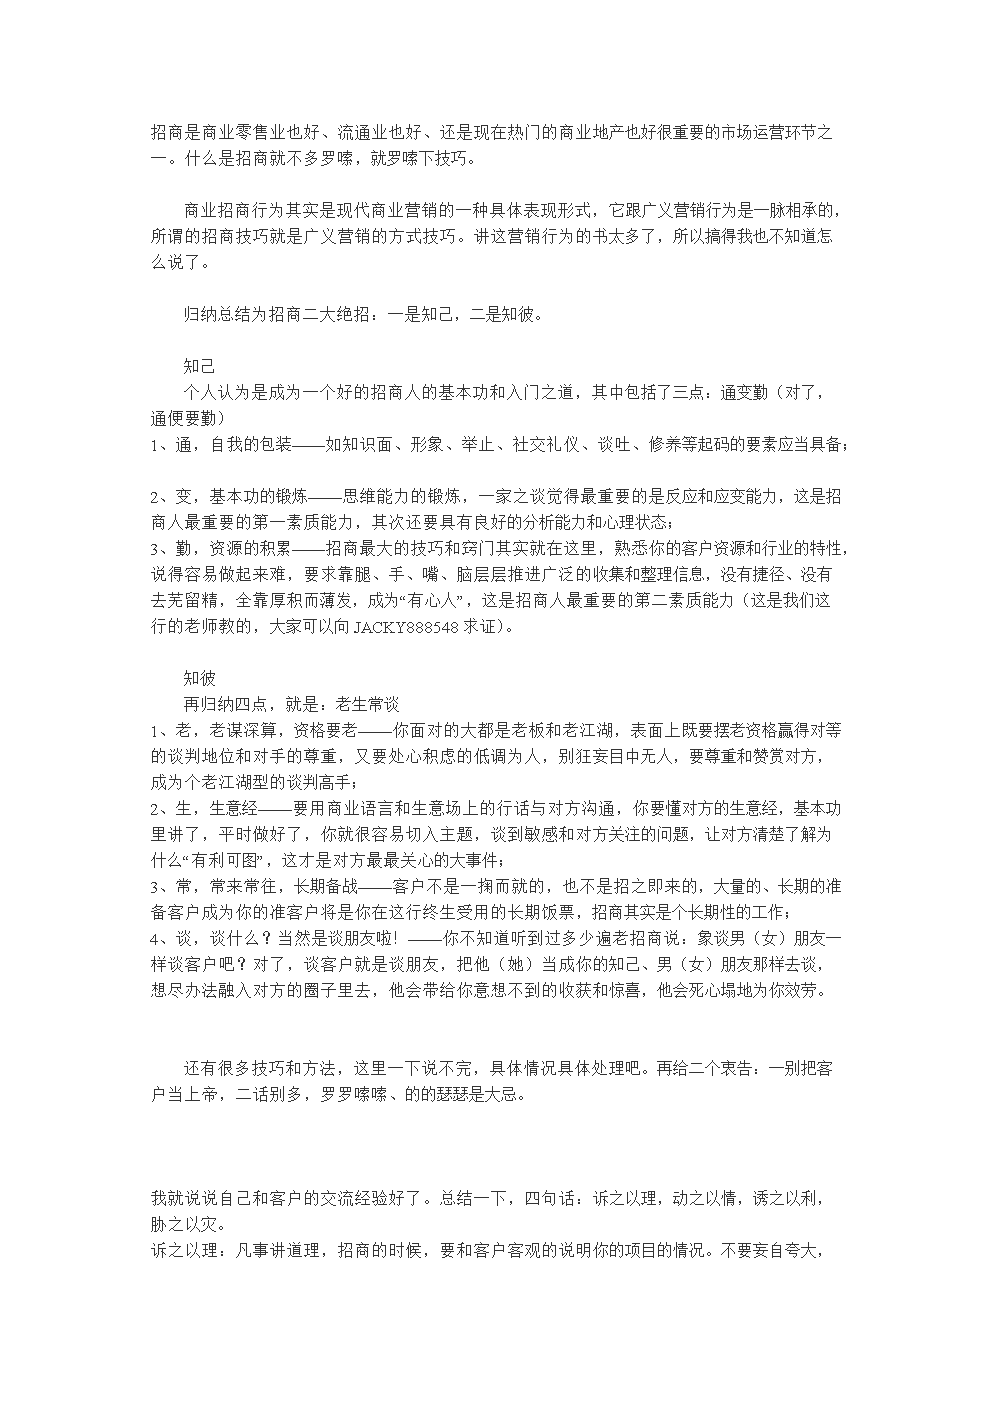 万达广场商业管理资料之-招商技巧.doc